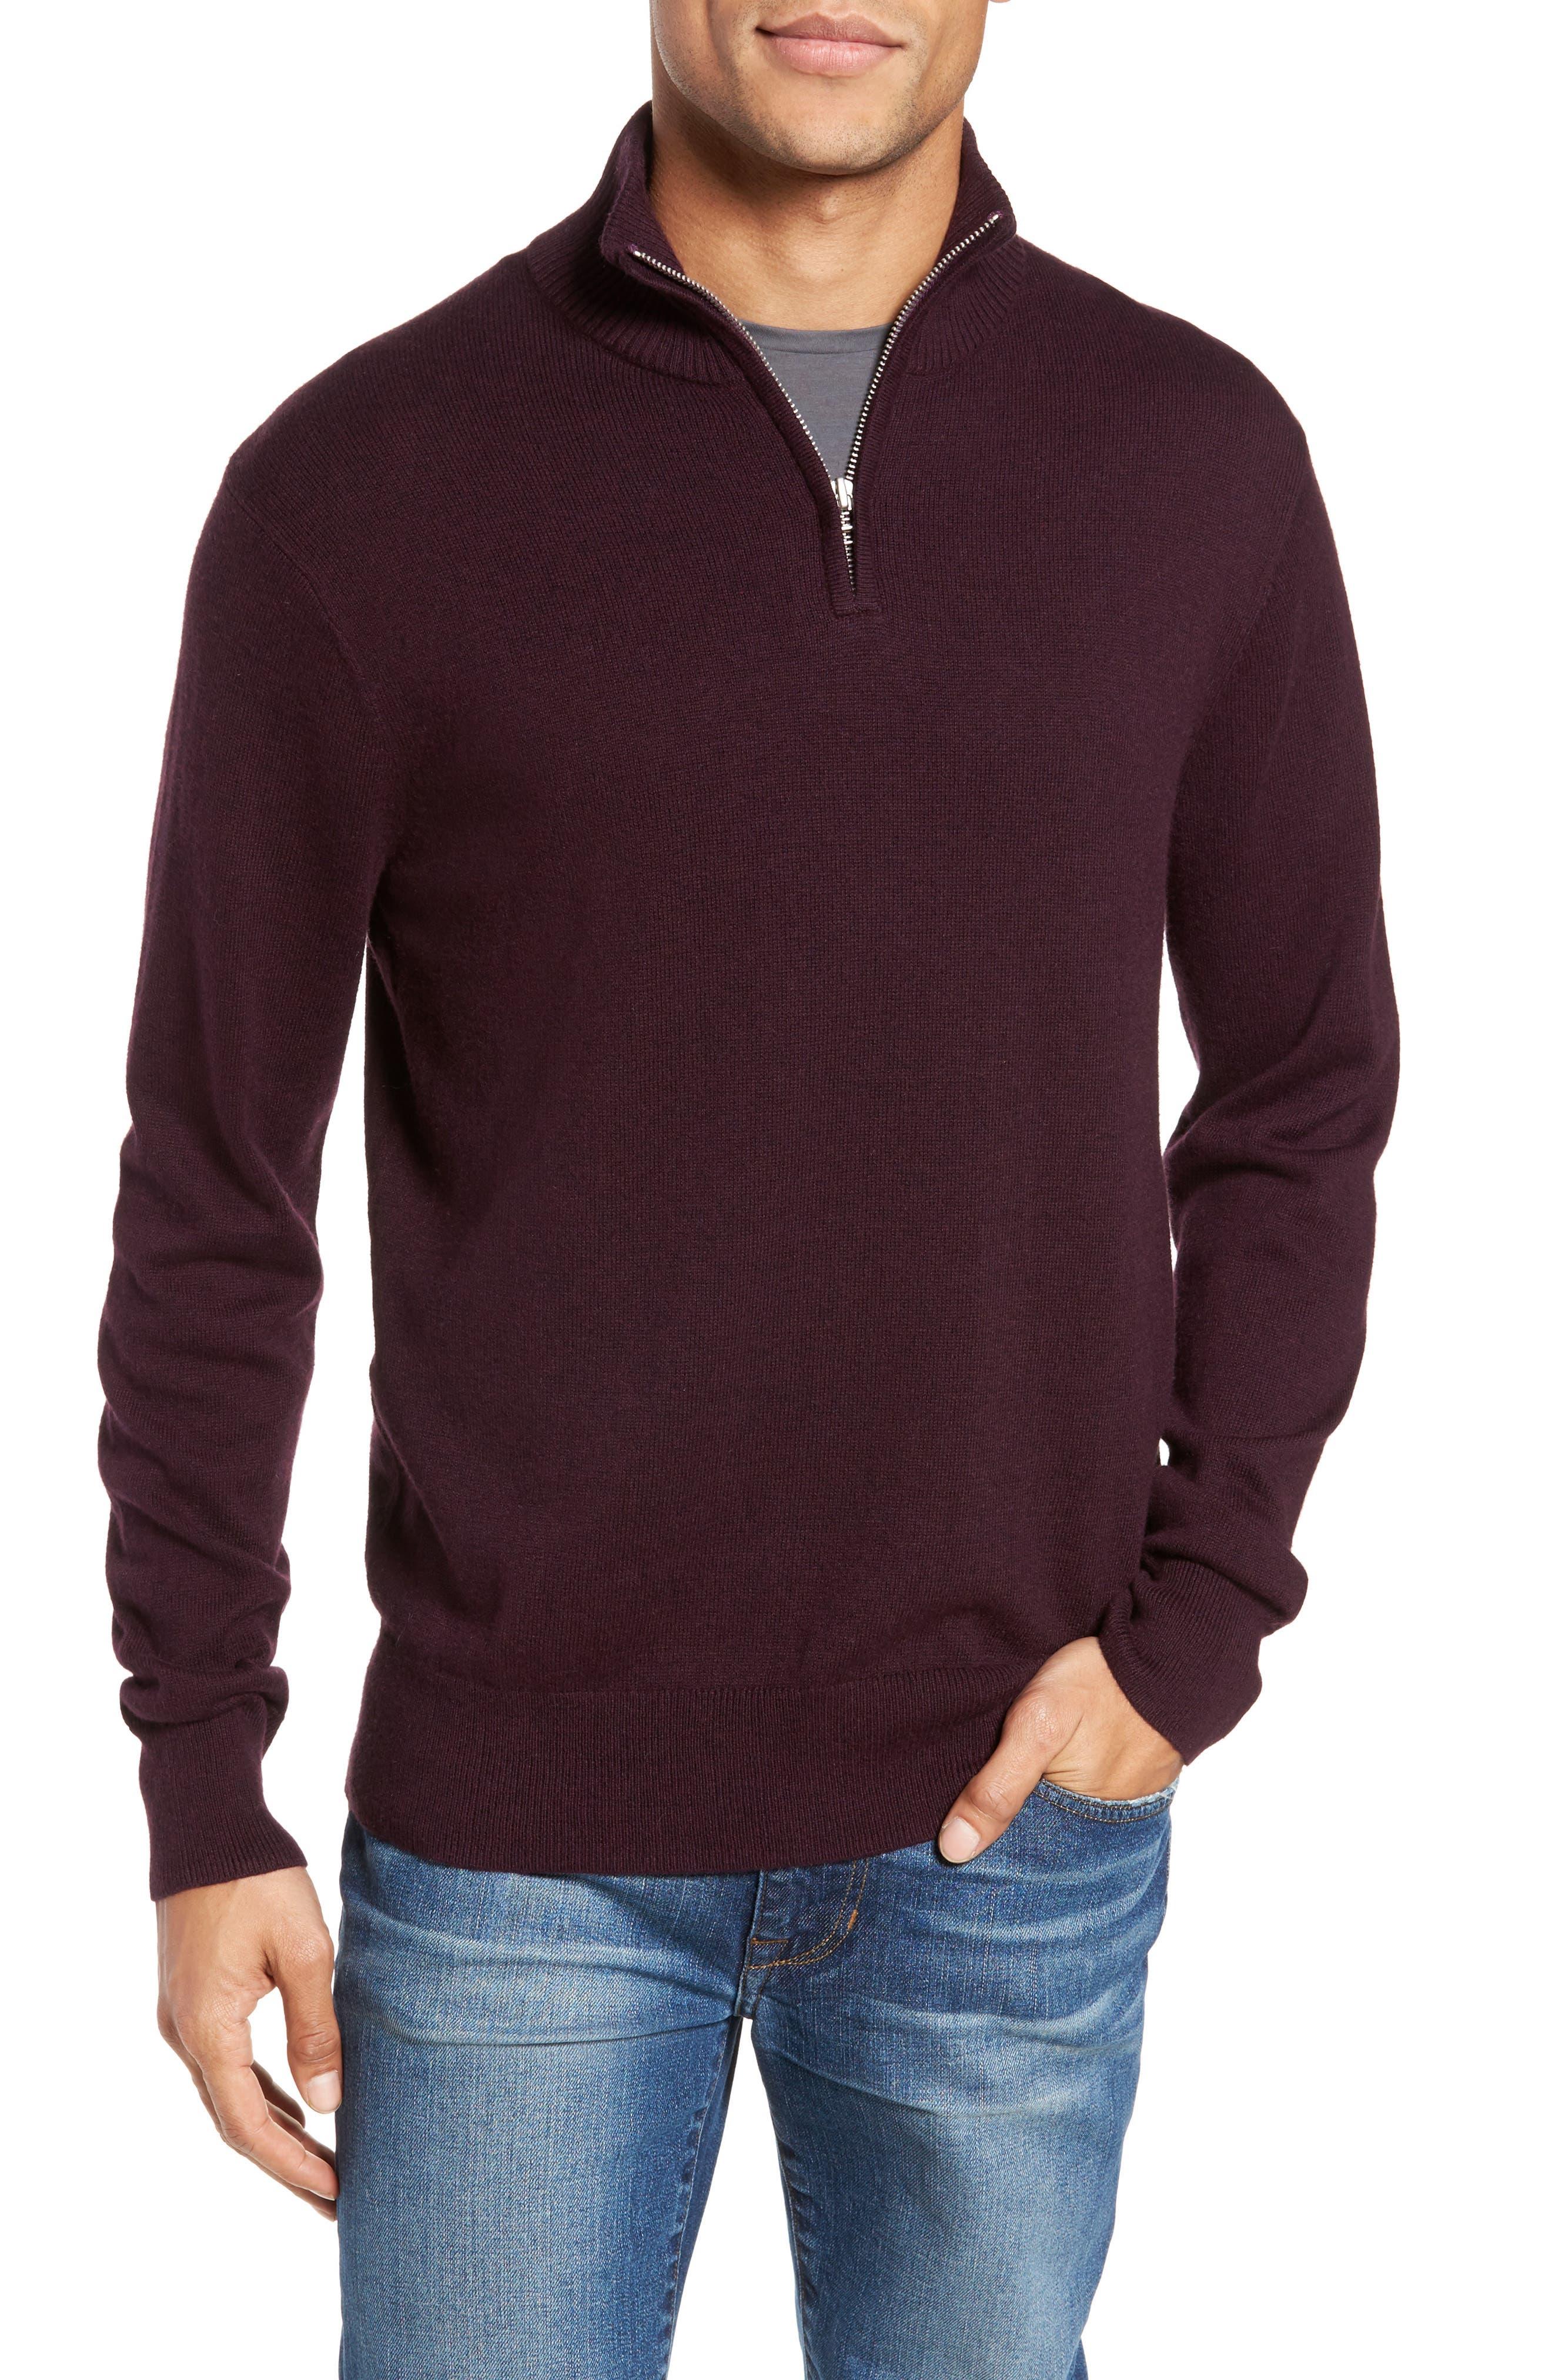 Cotton & Cashmere Quarter Zip Sweater,                             Main thumbnail 1, color,                             600